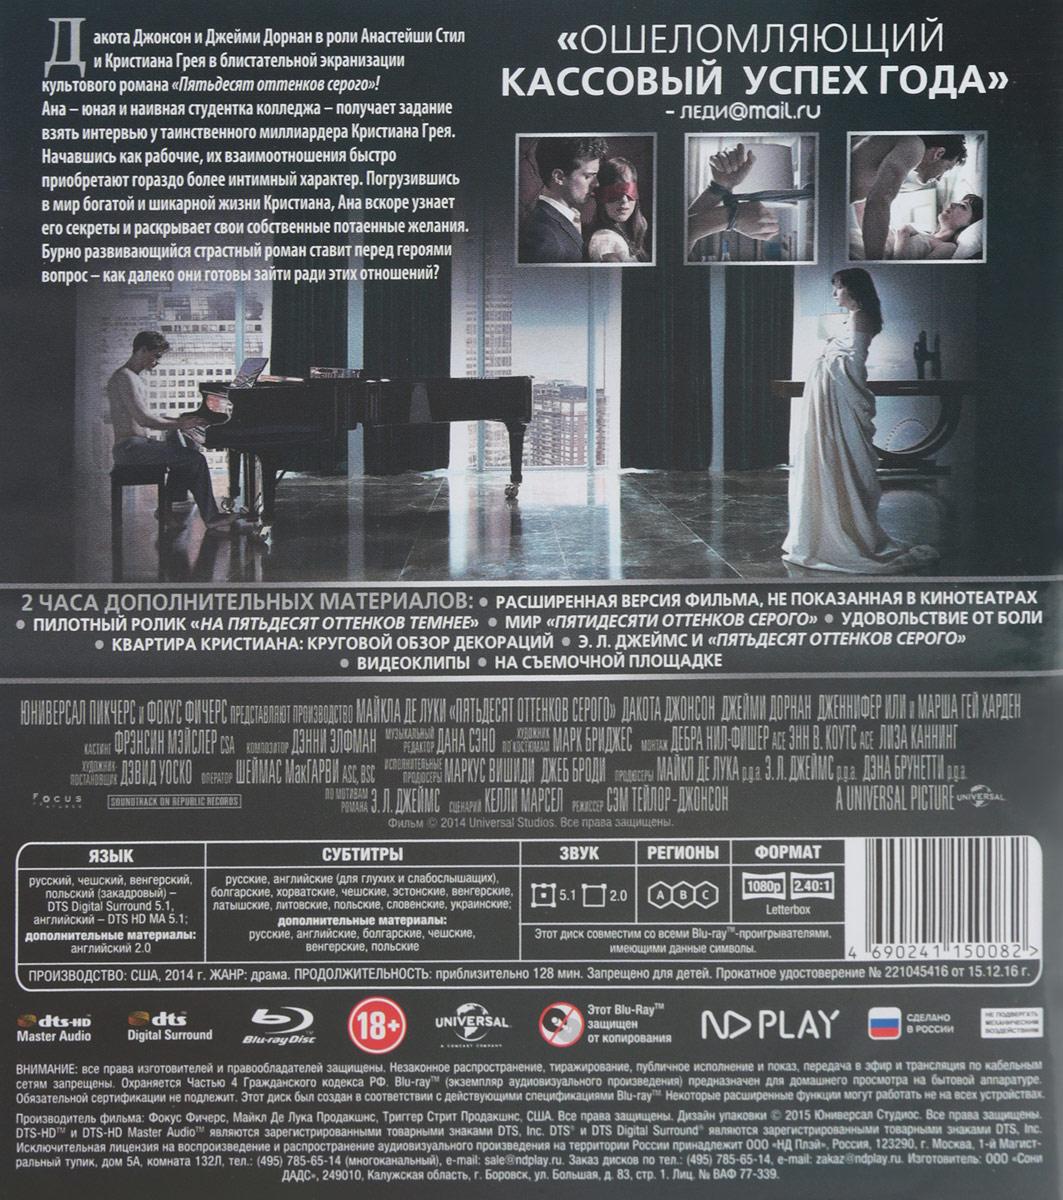 Пятьдесят оттенков серого (Blu-ray) Focus Features,Michael De Luca Productions,Trigger Street Productions